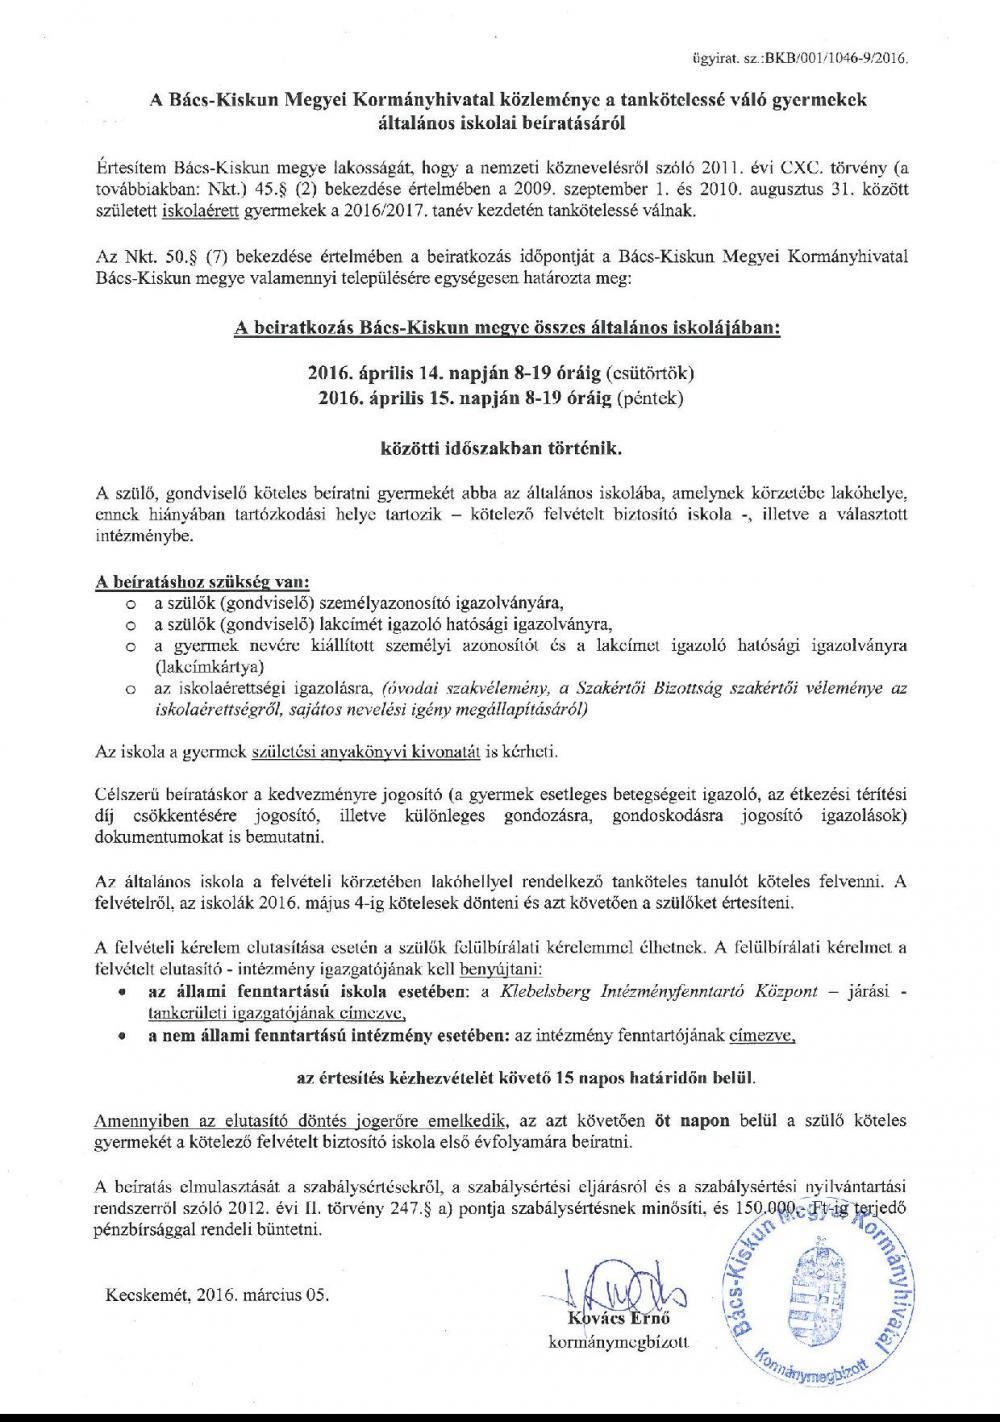 A Bács-Kiskun Megyei Kormányhivatal közleménye a tankötelessé váló gyermekek általános iskolai beíratásáról